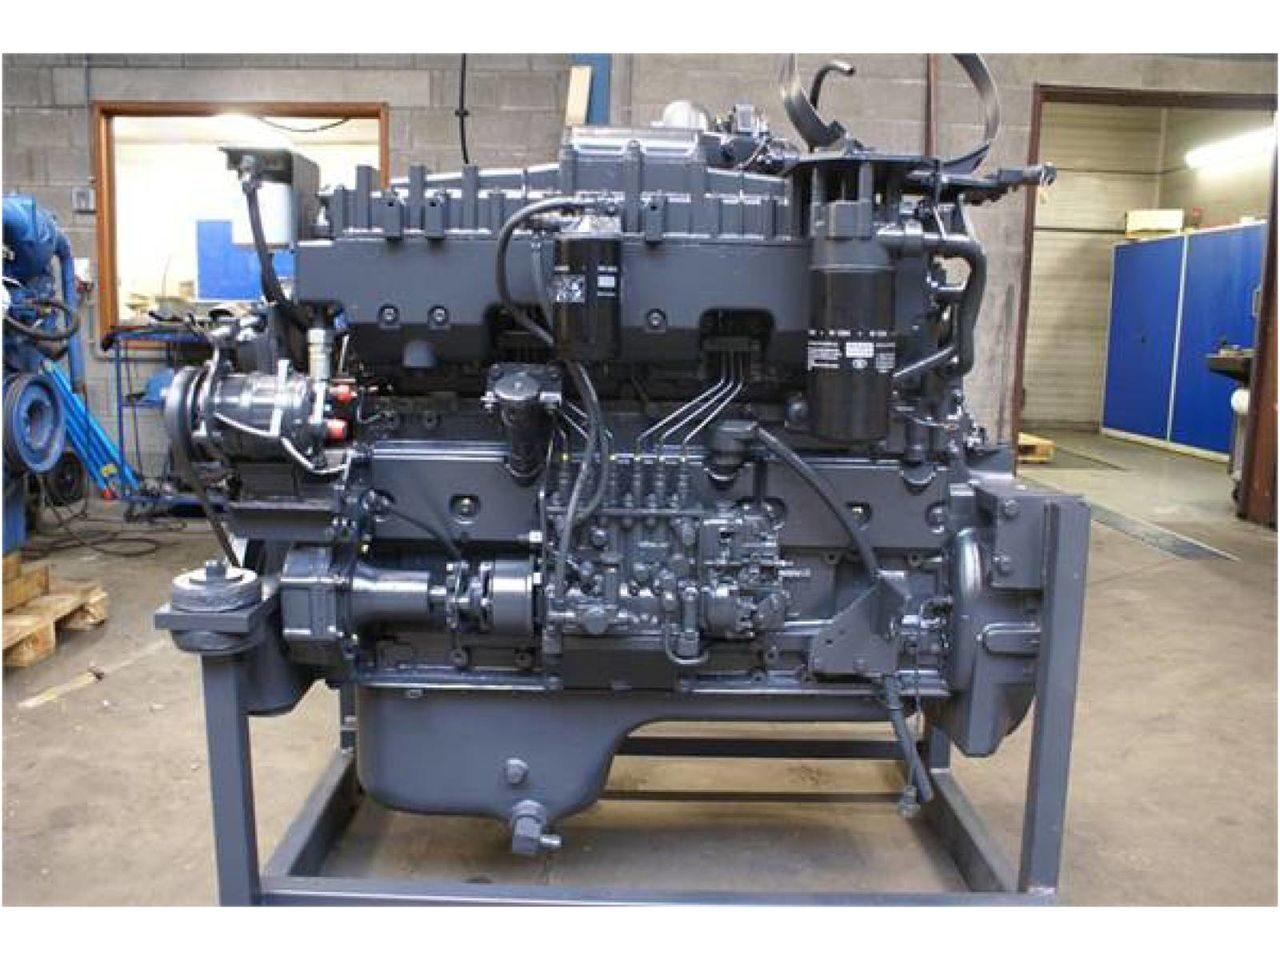 20a995379 Ремонт двигателей Komatsu 6D125